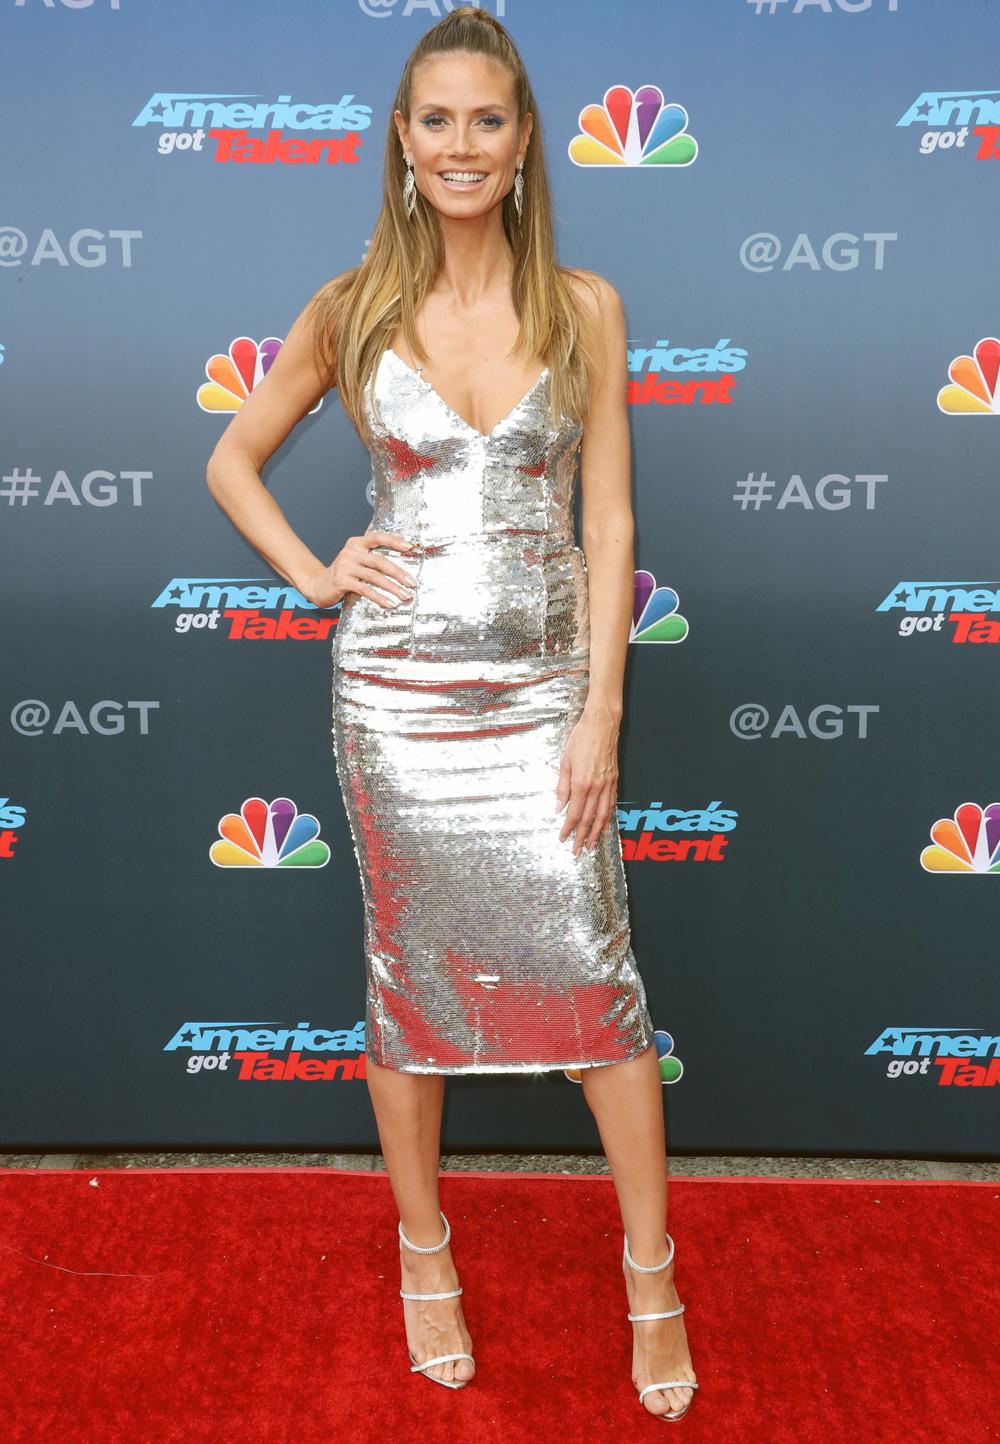 Heidi Klum At The Americas Got Talent TV Series Kickoff